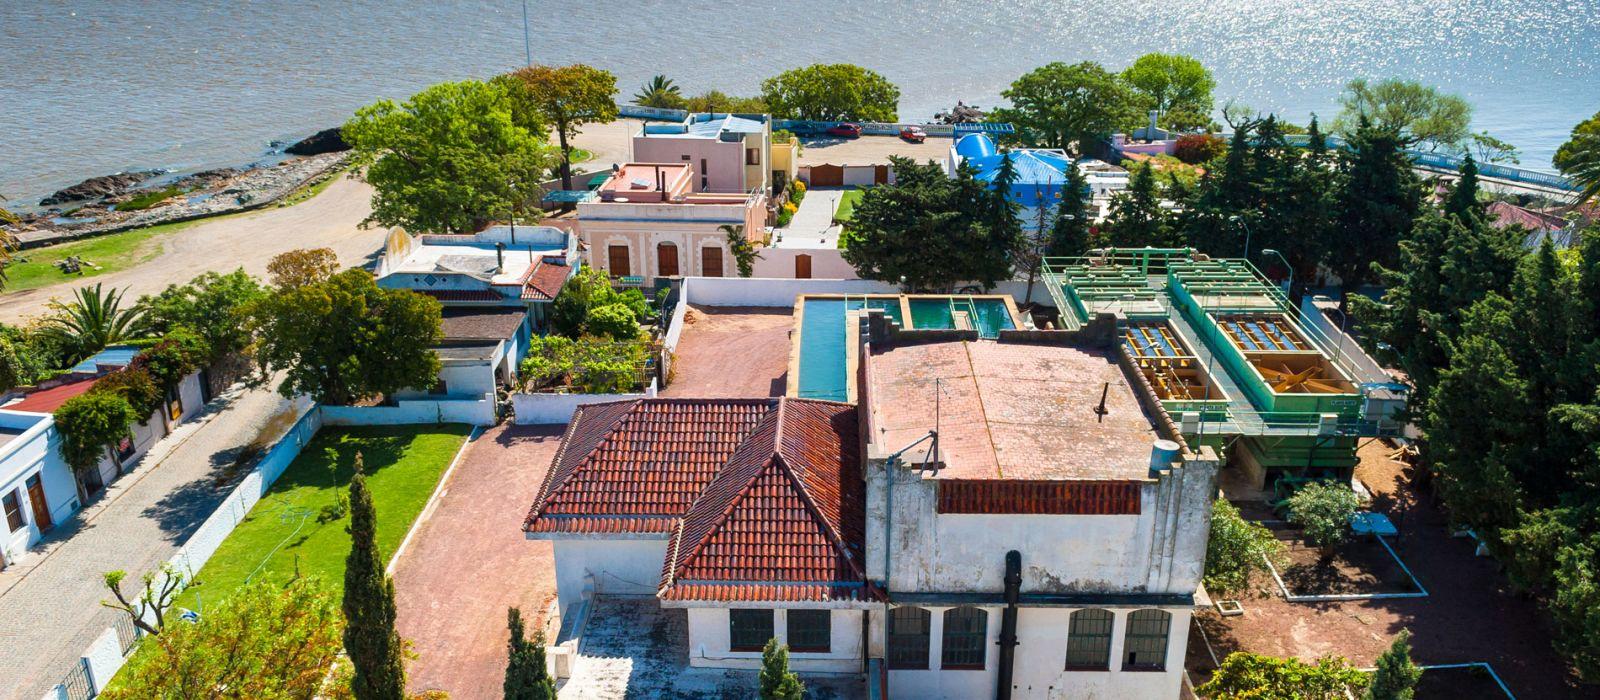 Destination Colonia de Sacramento Uruguay